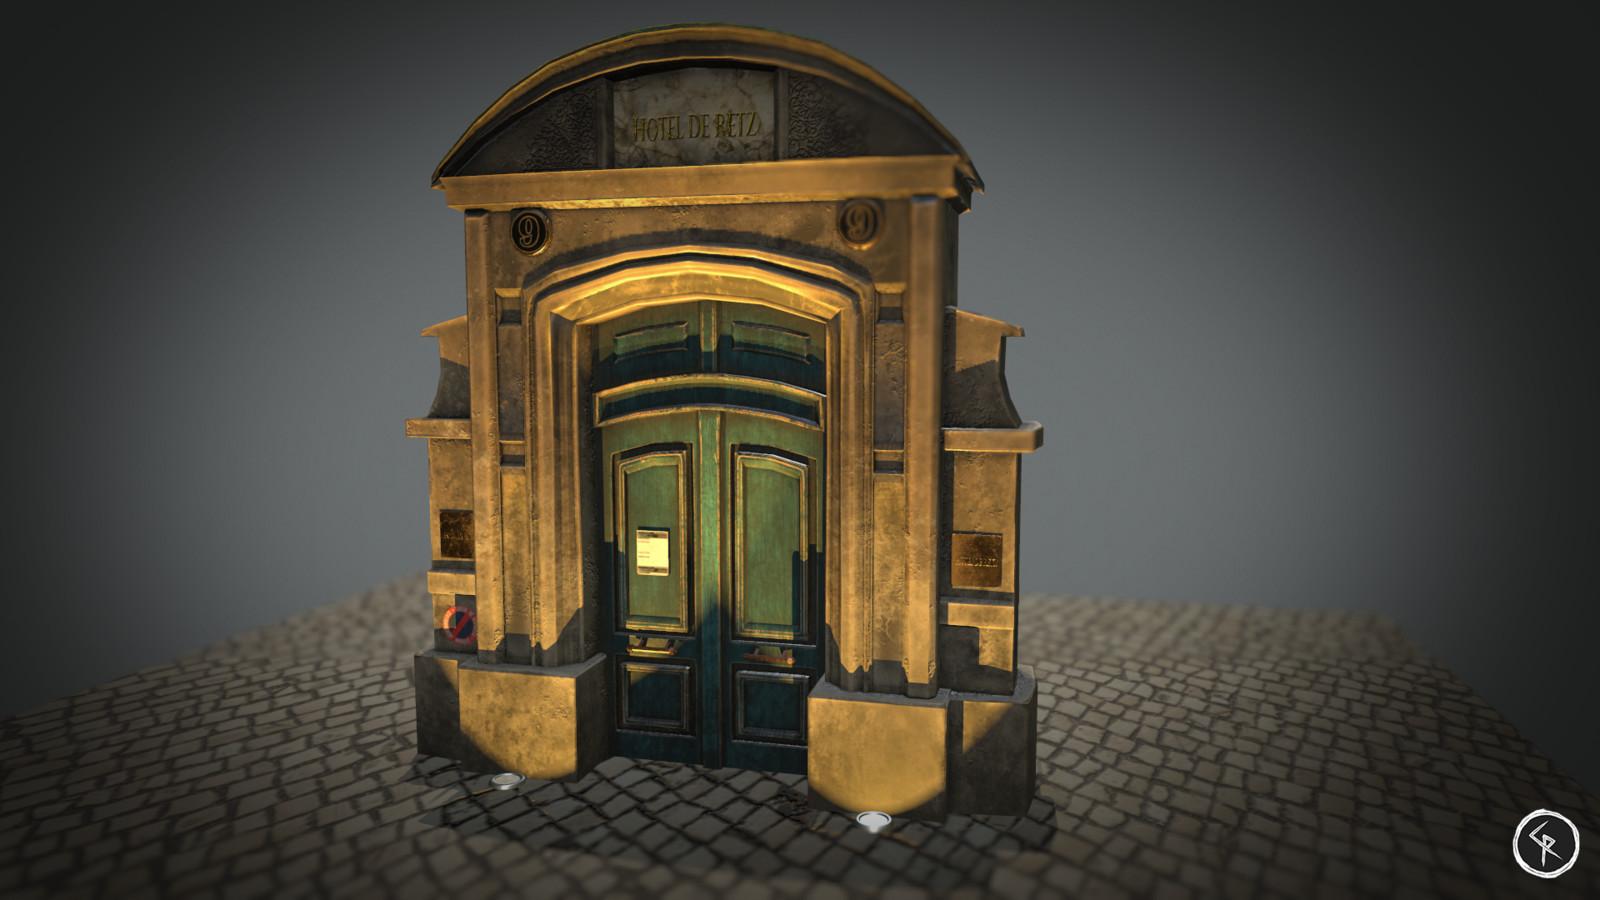 Baroque Gate, Hotel de Retz